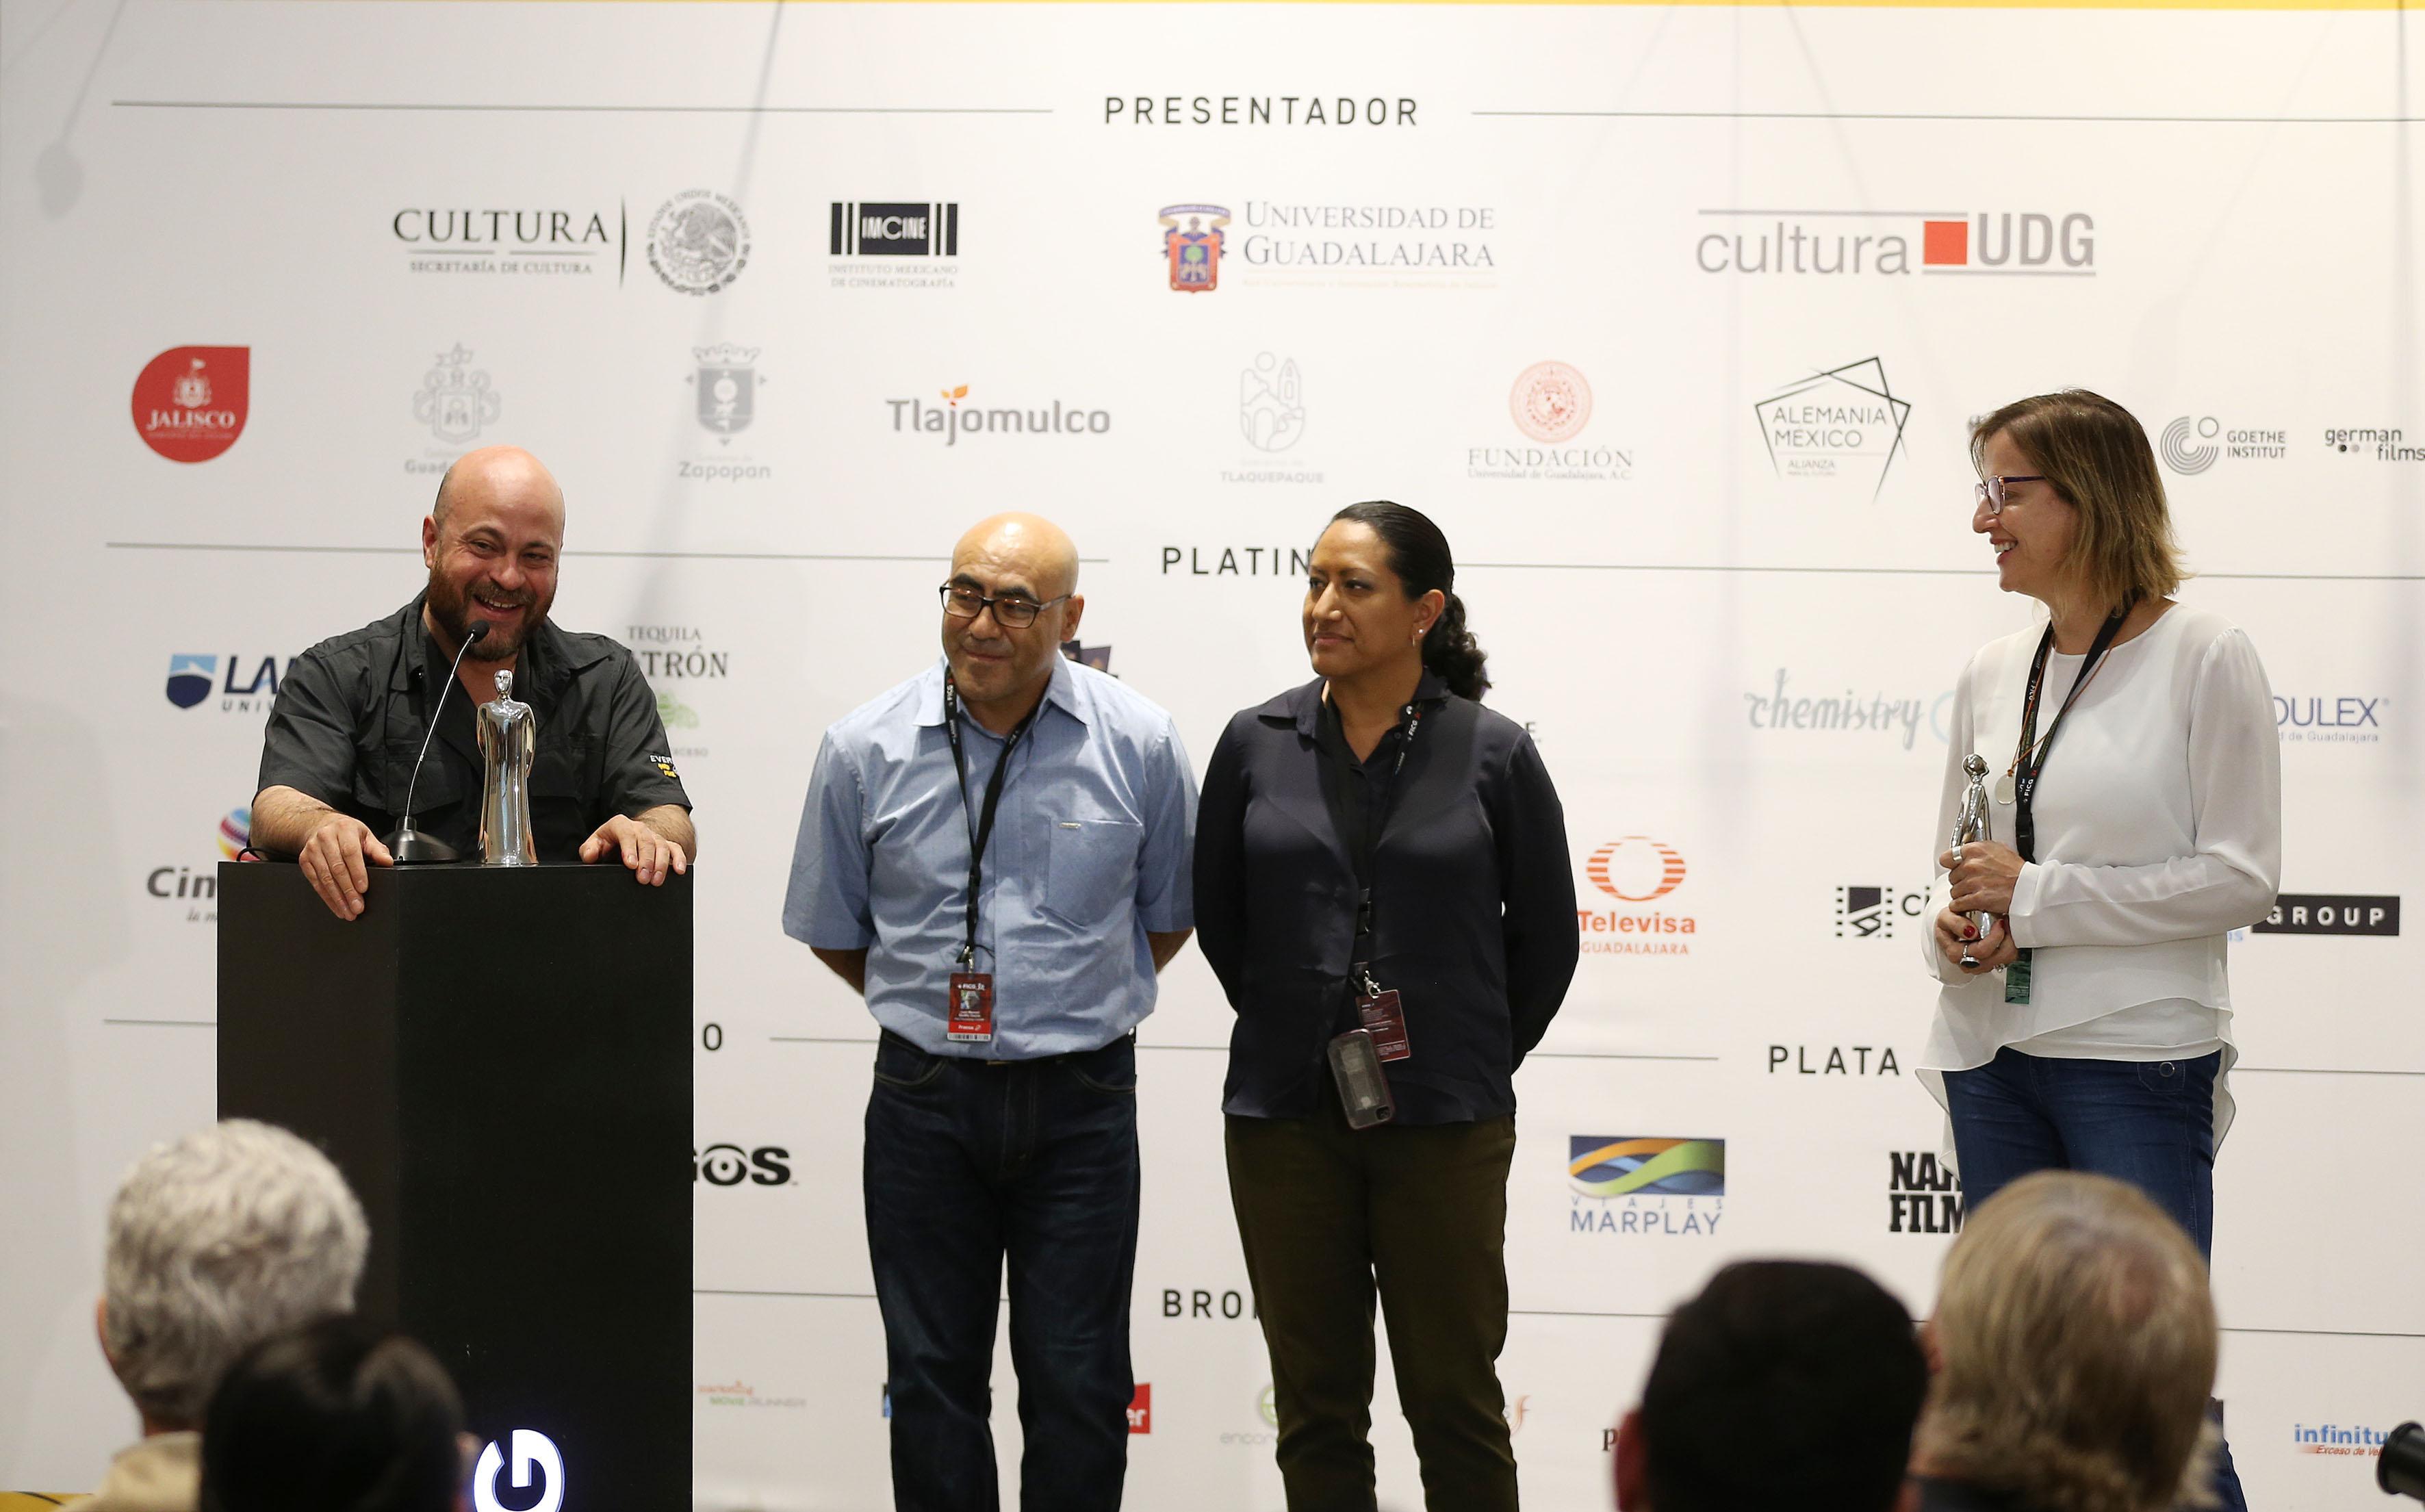 El director Everardo González, haciendo uso de la palabra al recibir el premio Guerreros de la Prensa, como Mejor Documental Mexicano, La libertad del diablo.